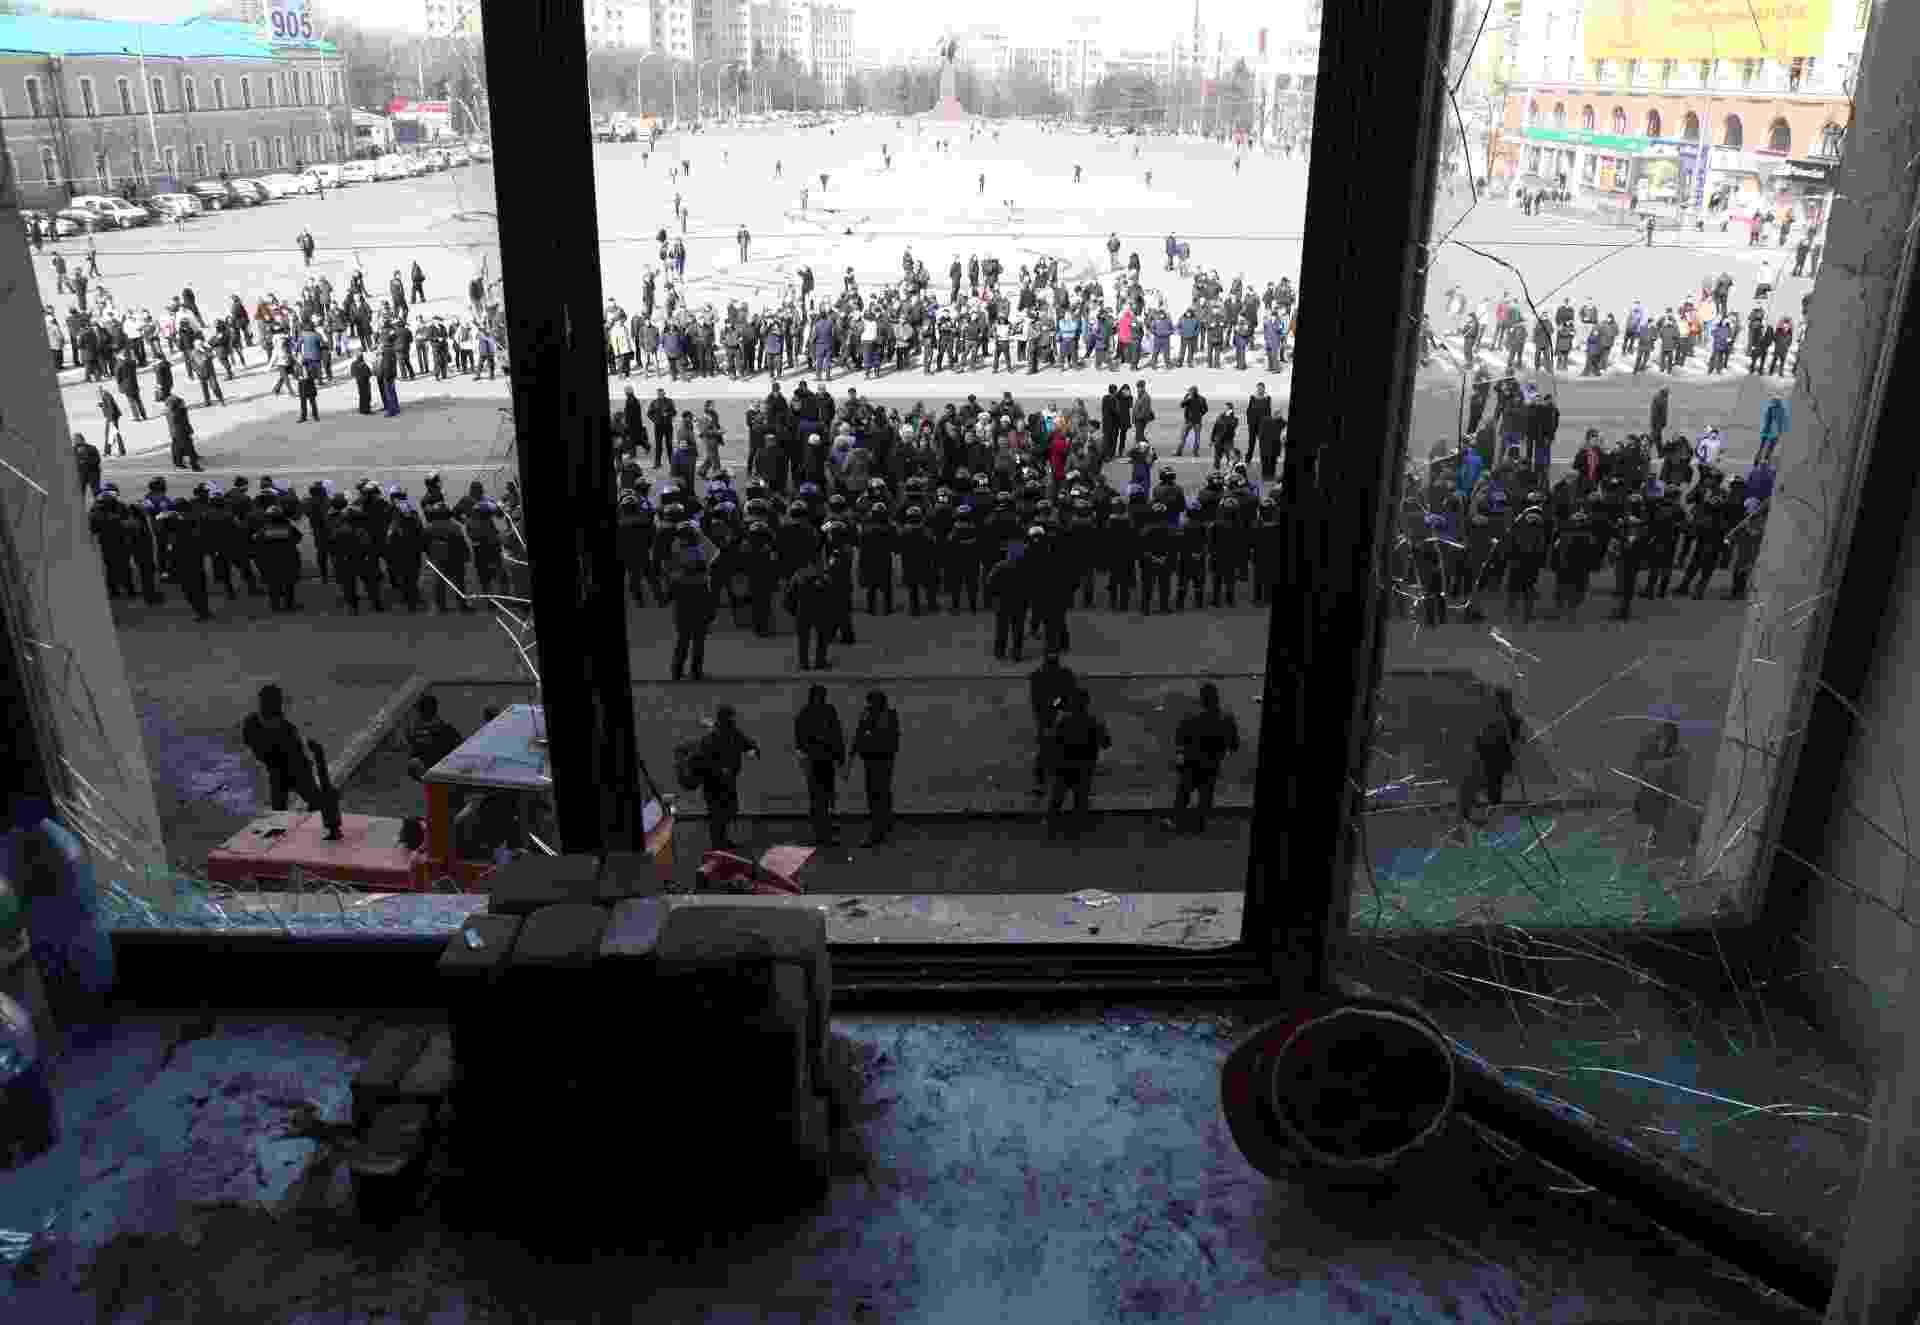 """8.abr.2014 - Trabalhadores limpam barricada enquanto policiais ucranianos guardam o edifício da administração pública da província de Kharkiv, leste da Ucrânia, nesta terça-feira (8). Policiais ucranianos ficaram feridos no decorrer de operação para libertar o prédio, ocupado por separatistas pró-Rússia. O presidente em exercício da Ucrânia disse que trataria separatistas que tomaram prédios no leste do país como """"terroristas? - Anatoliy Stepanov/AFP"""